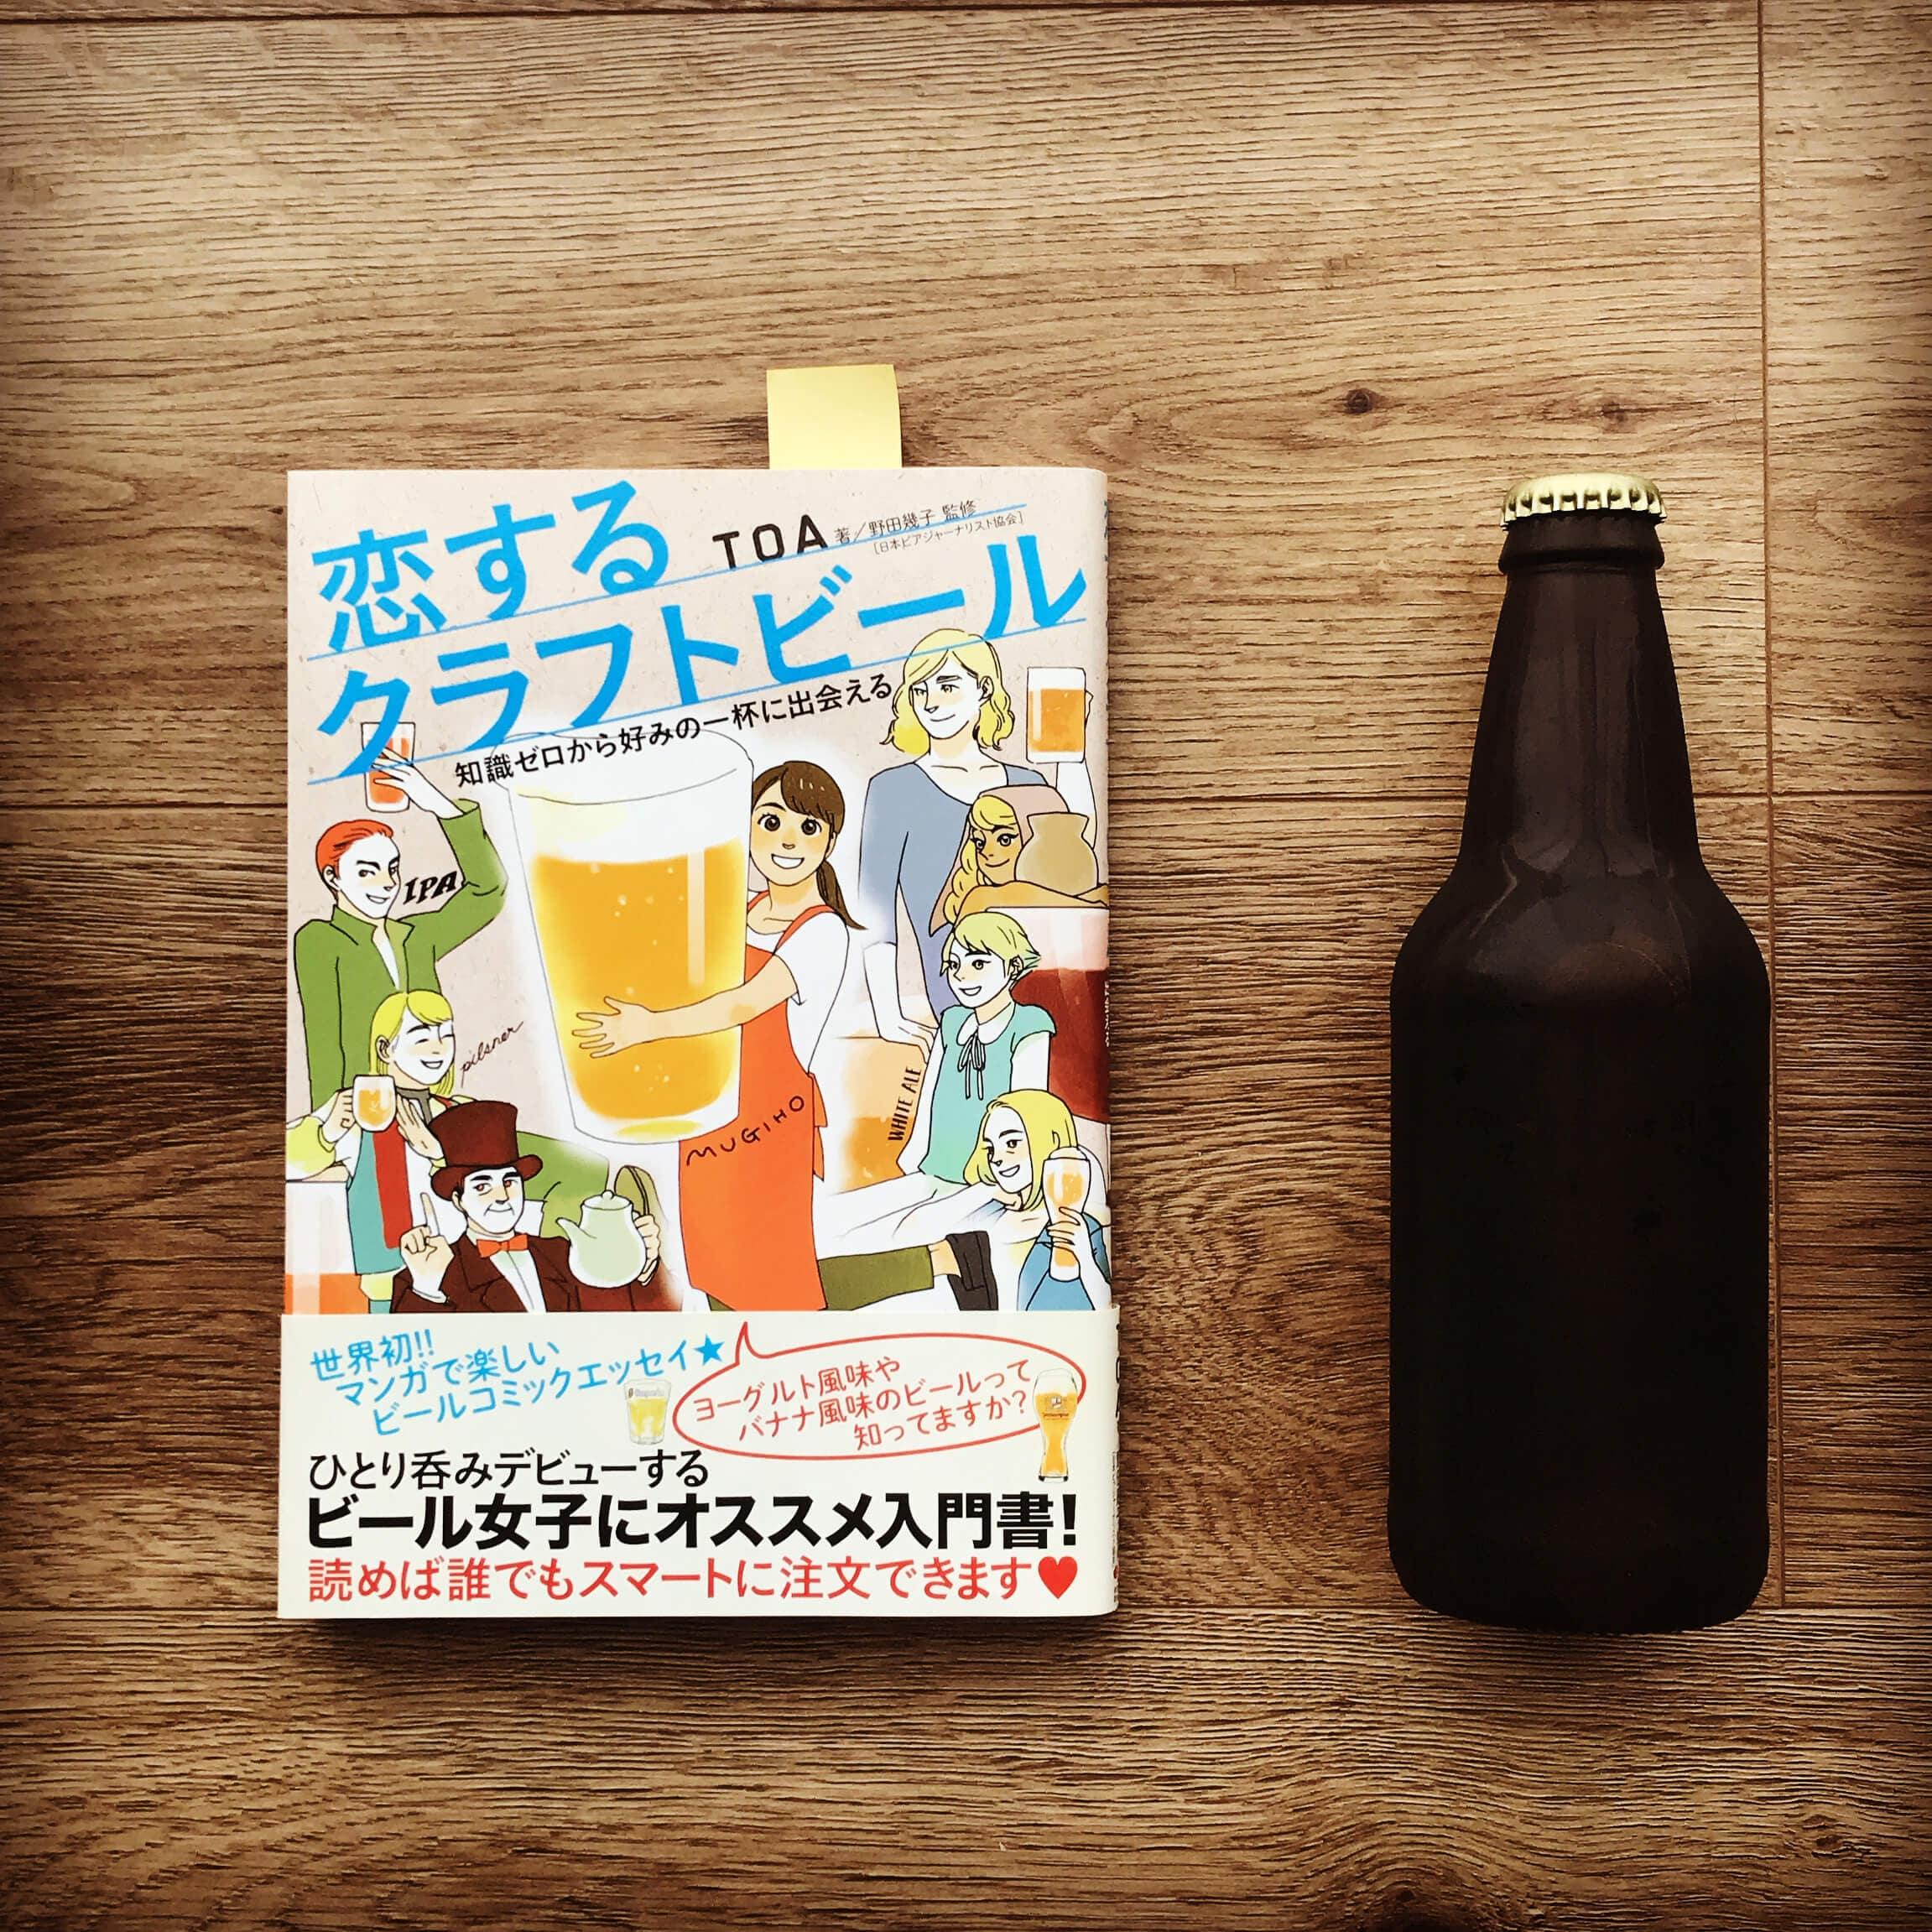 恋するクラフトビールという書籍の写真